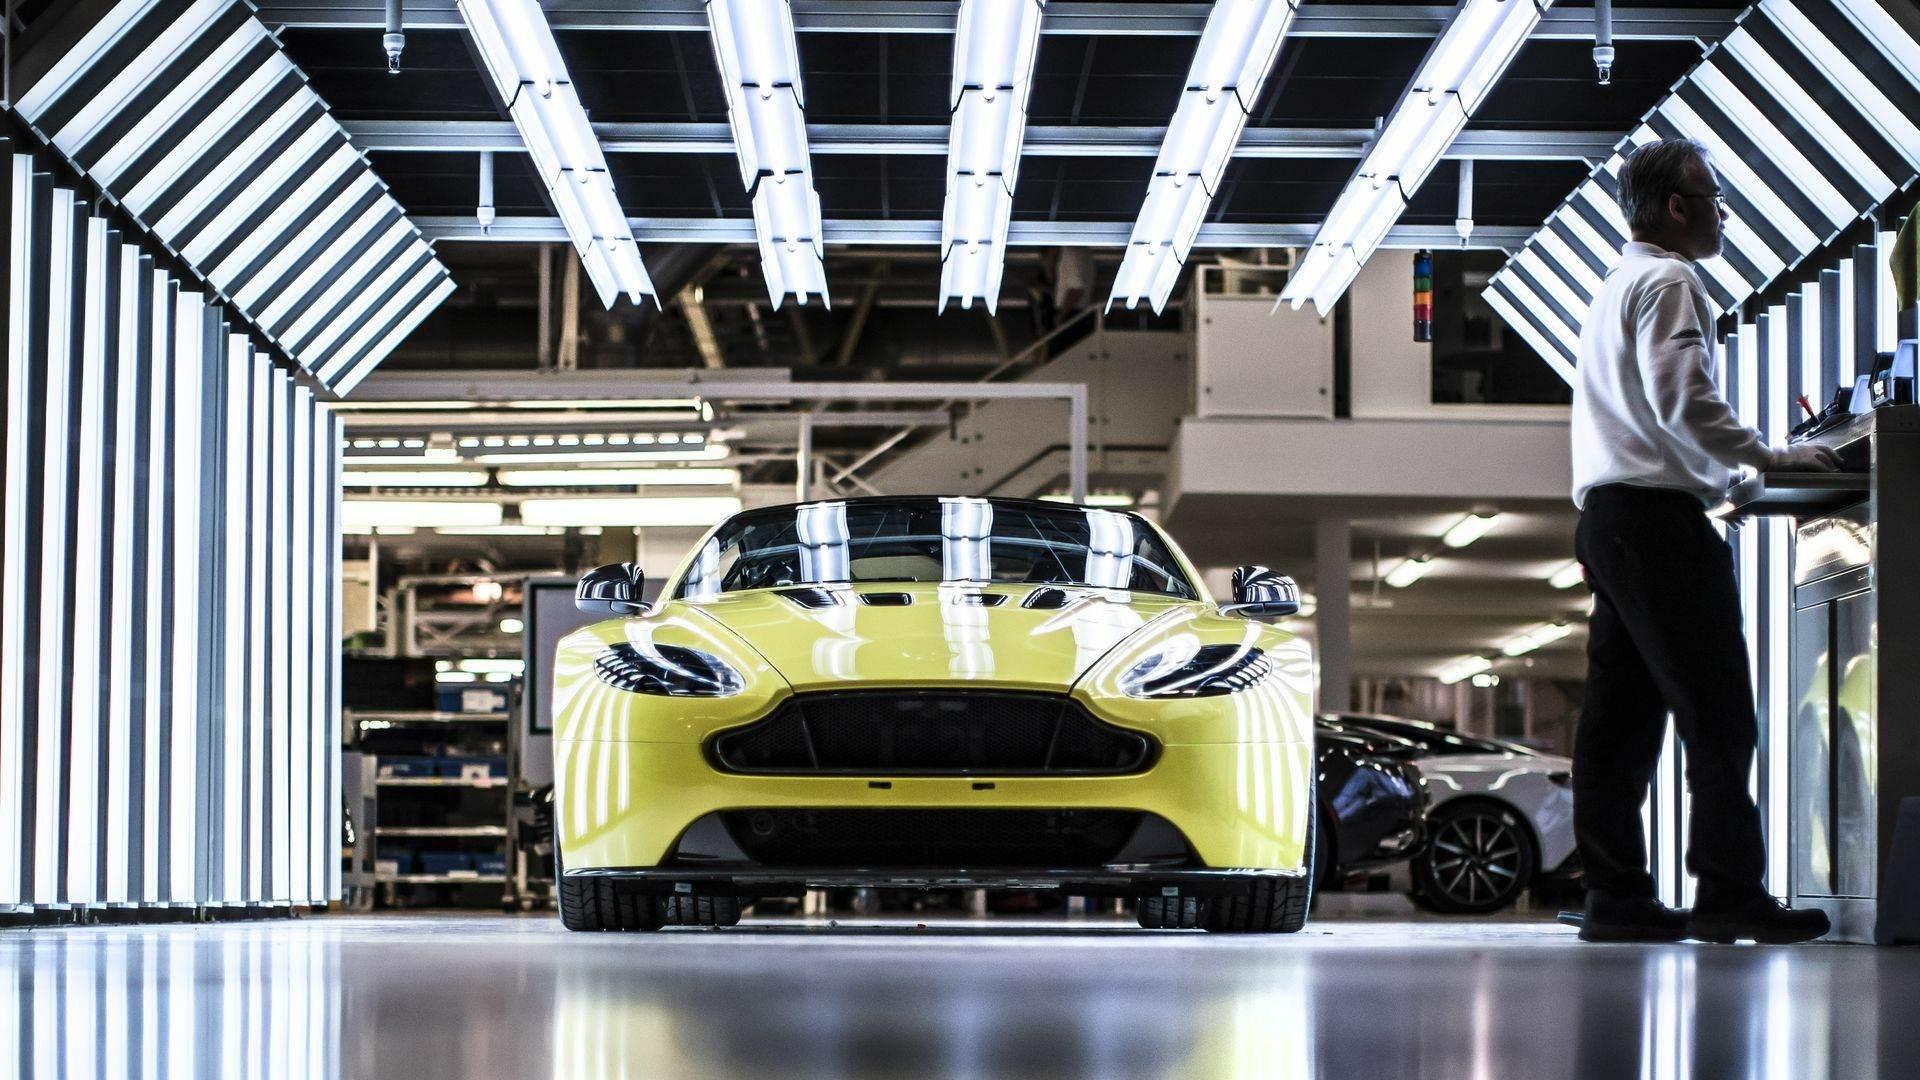 ¿Cómo se fabrica un automóvil de serie limitada? (VII)